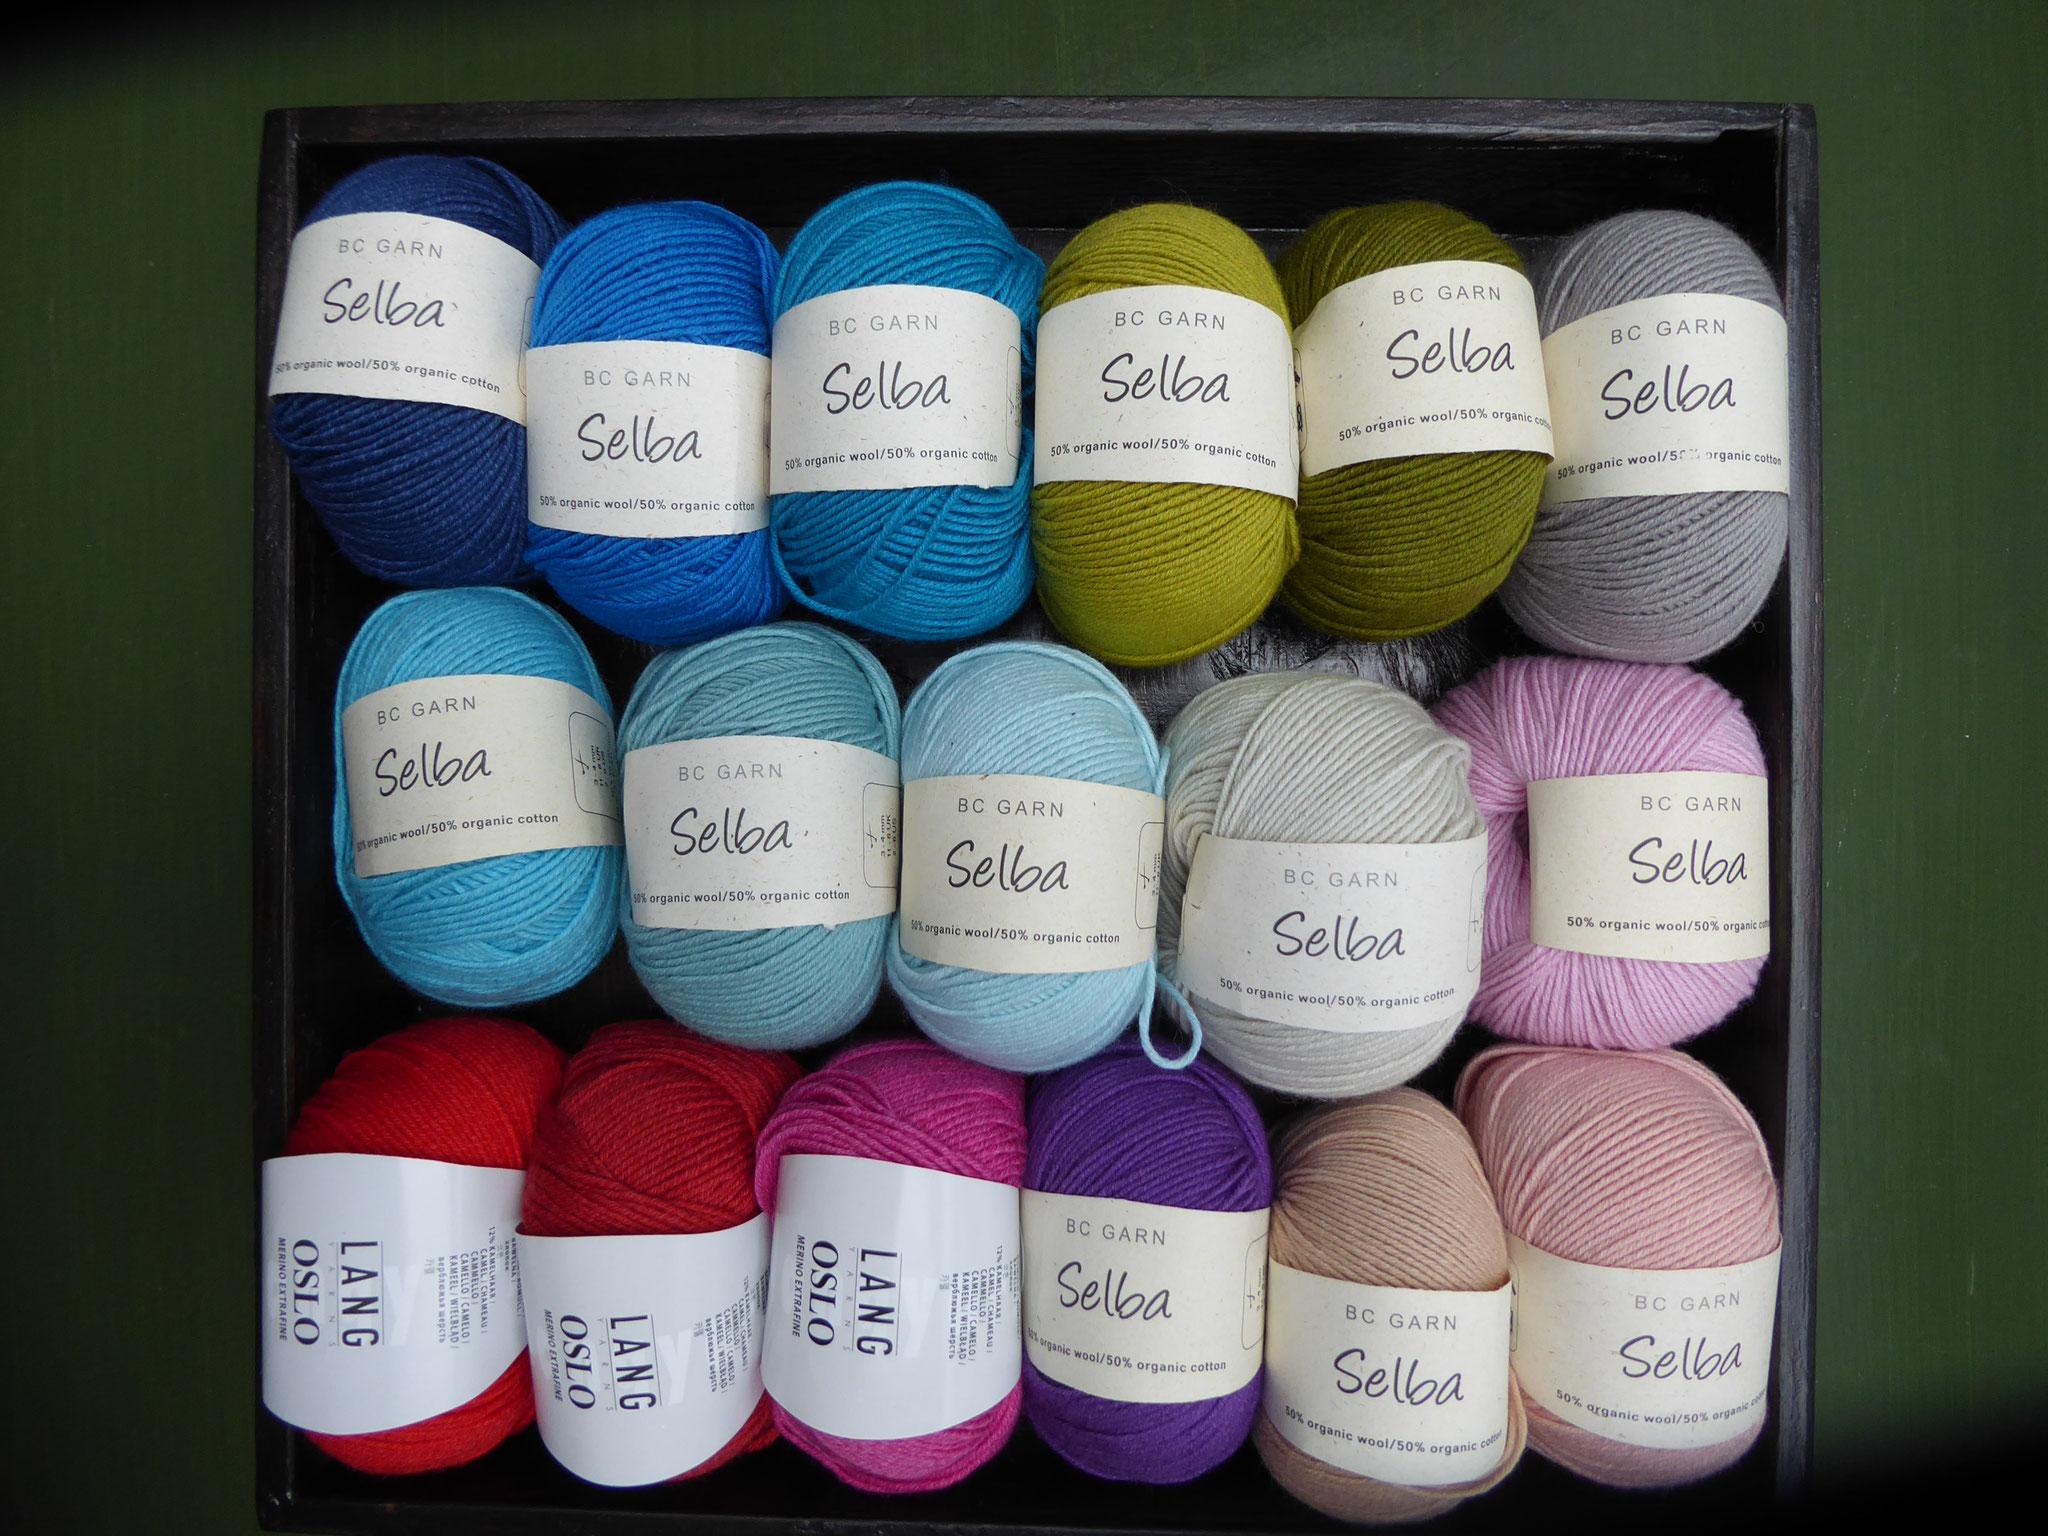 Selba, 50% Schurwolle, 50 % Baumwolle, LL155m/50gr.  5,50 Euro/50gr. Ein wunderbares Sommergarn für Pullover, Tücher und vieles mehr.